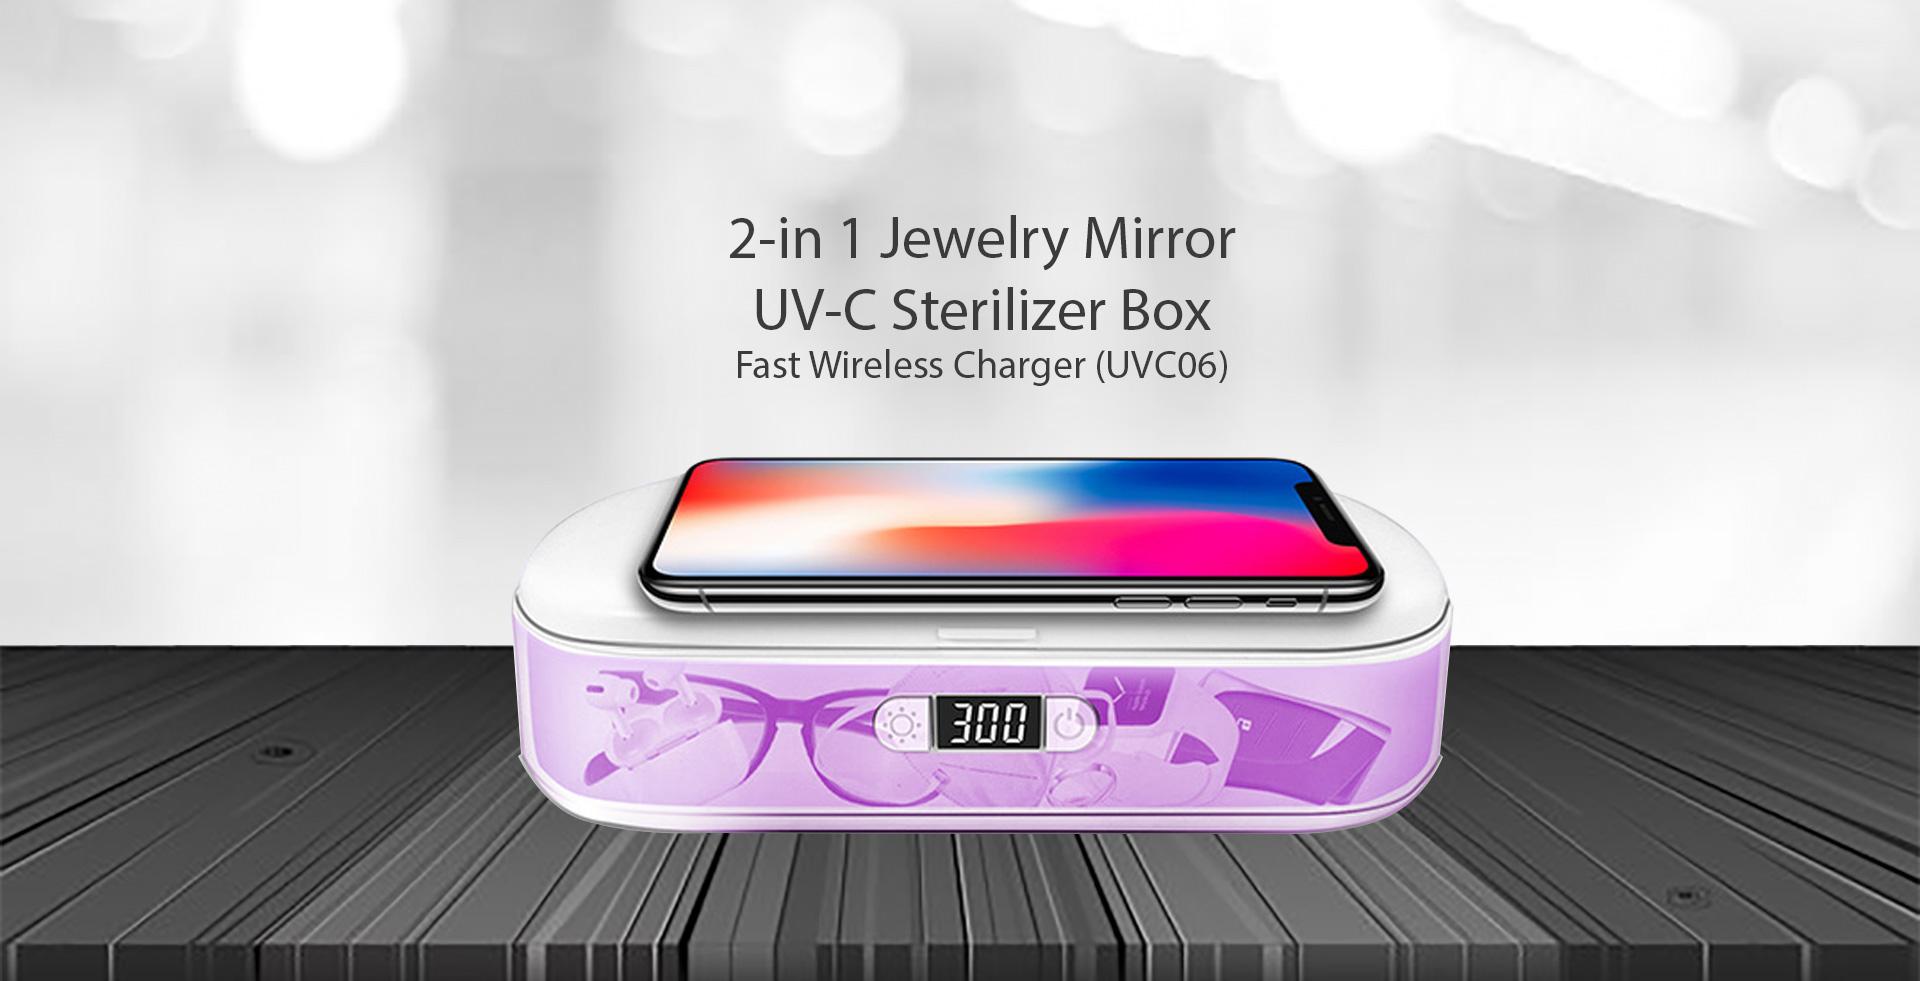 Jewelry box UVC sterilizer box